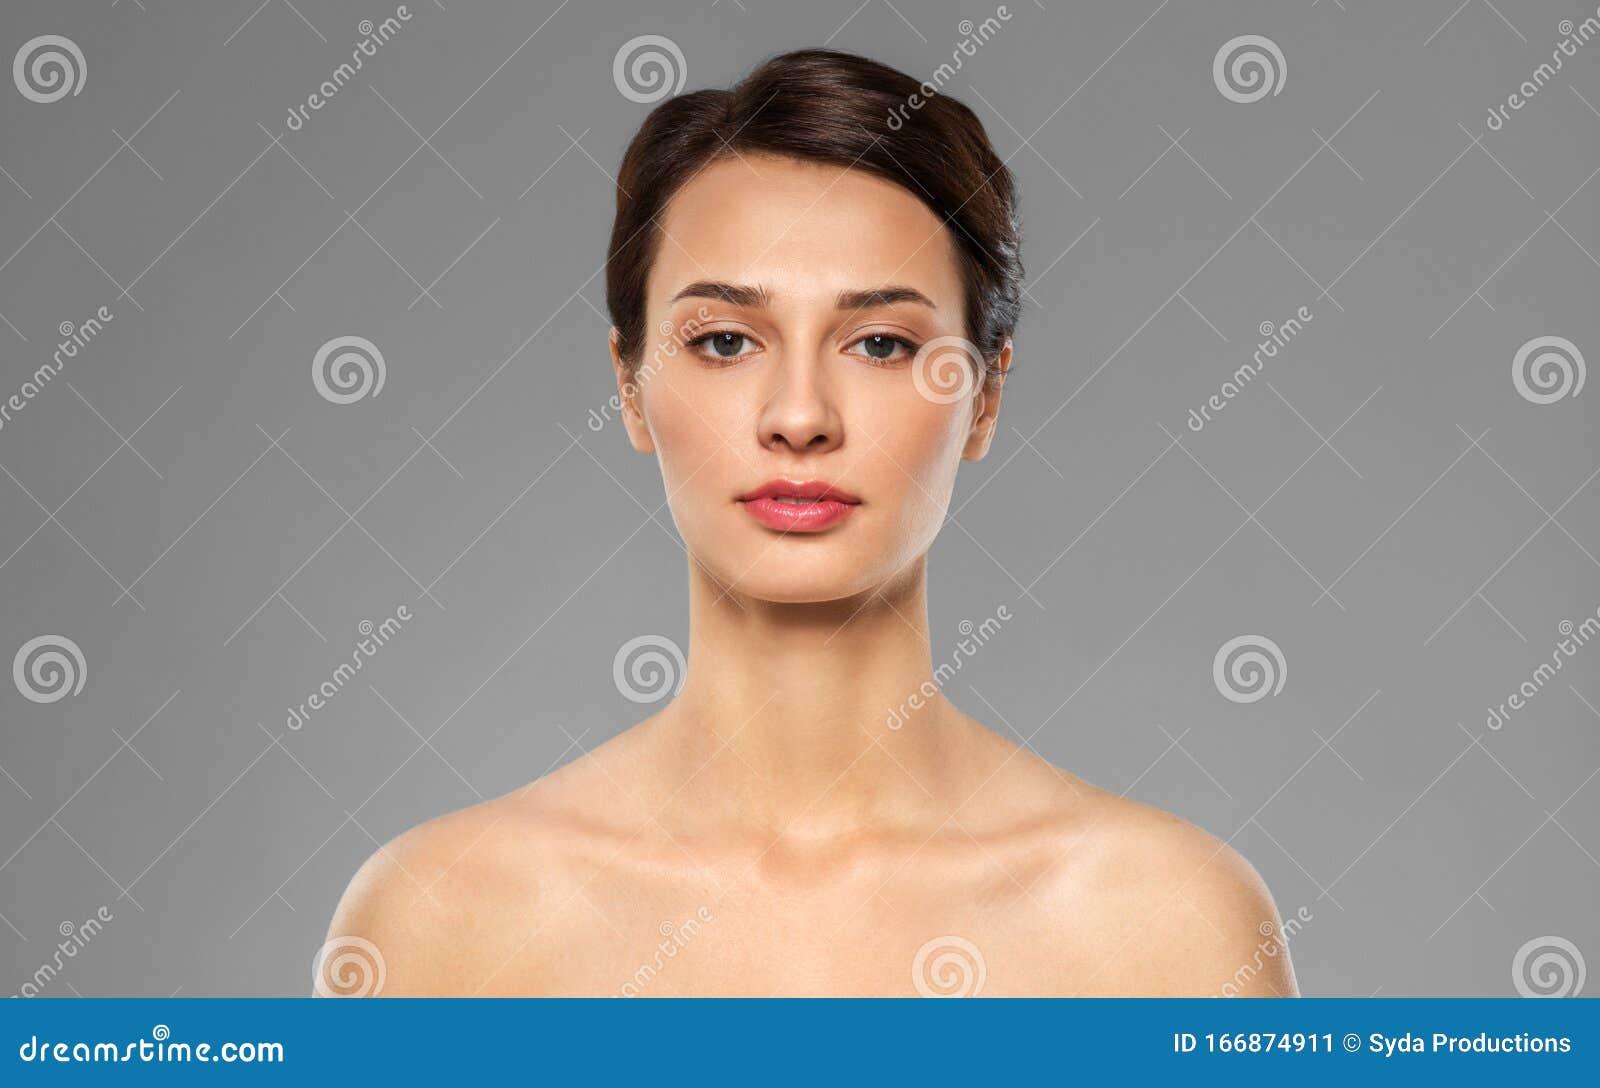 Retrato Una Guapa Chica Desnuda Con Piel Perfecta Aislada